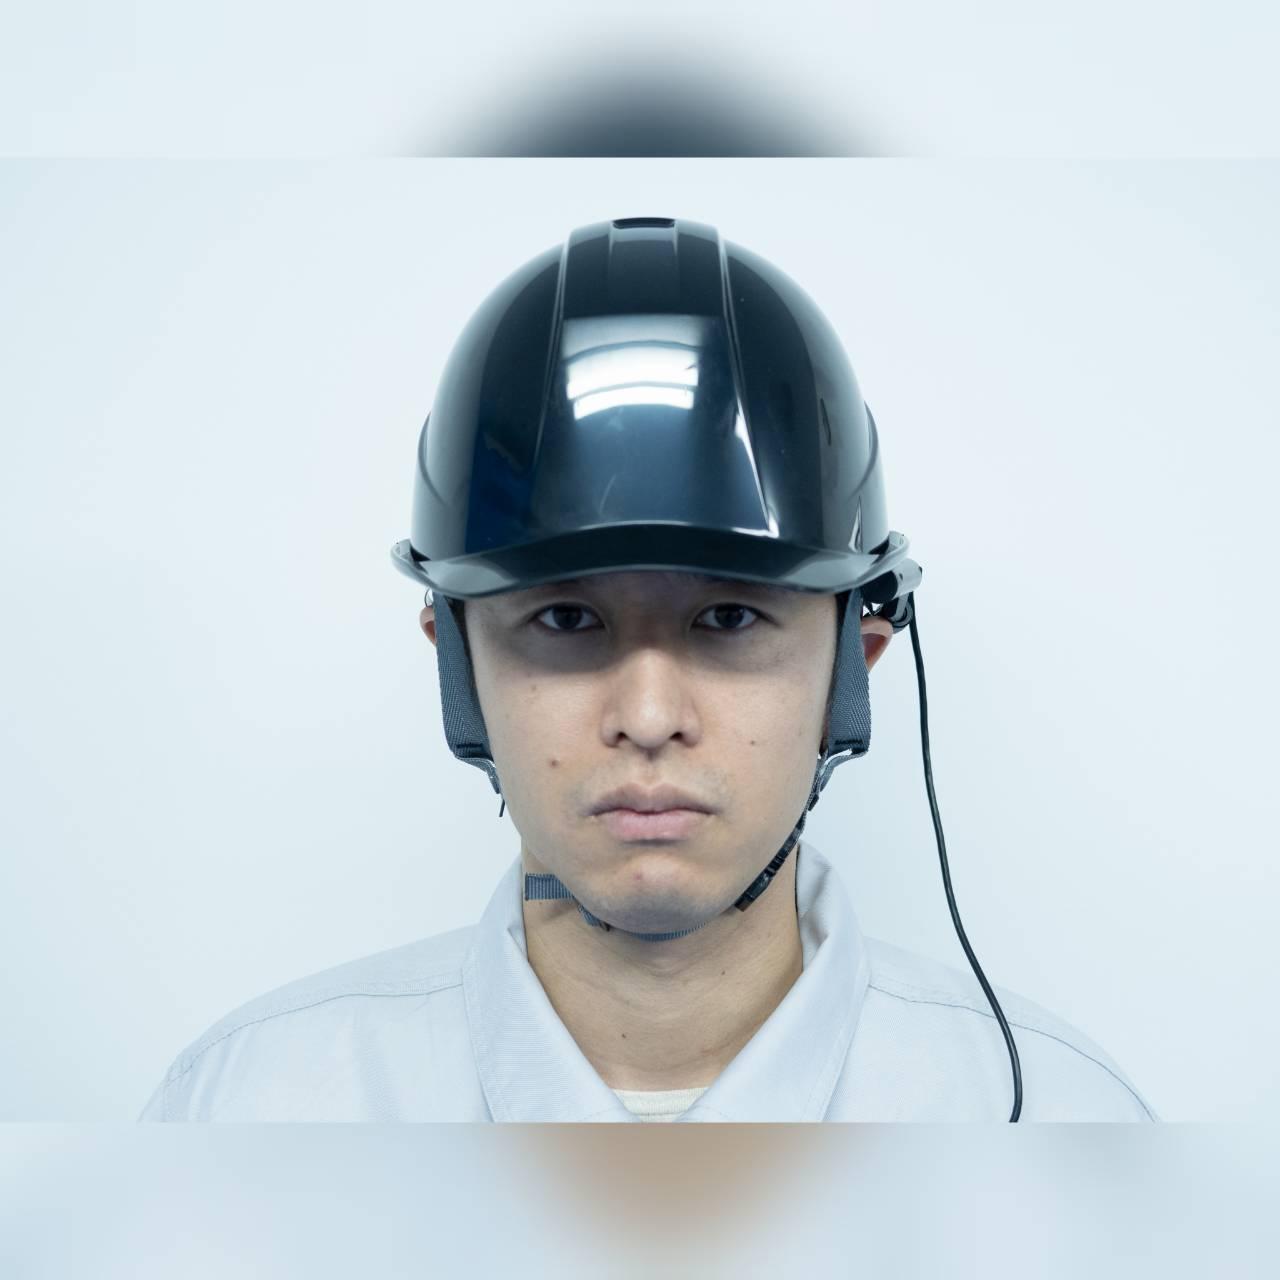 リモート(非対面)型新規事業の創出につながる遠隔支援カメラの用途アイデアを募集【リモートアシスト】